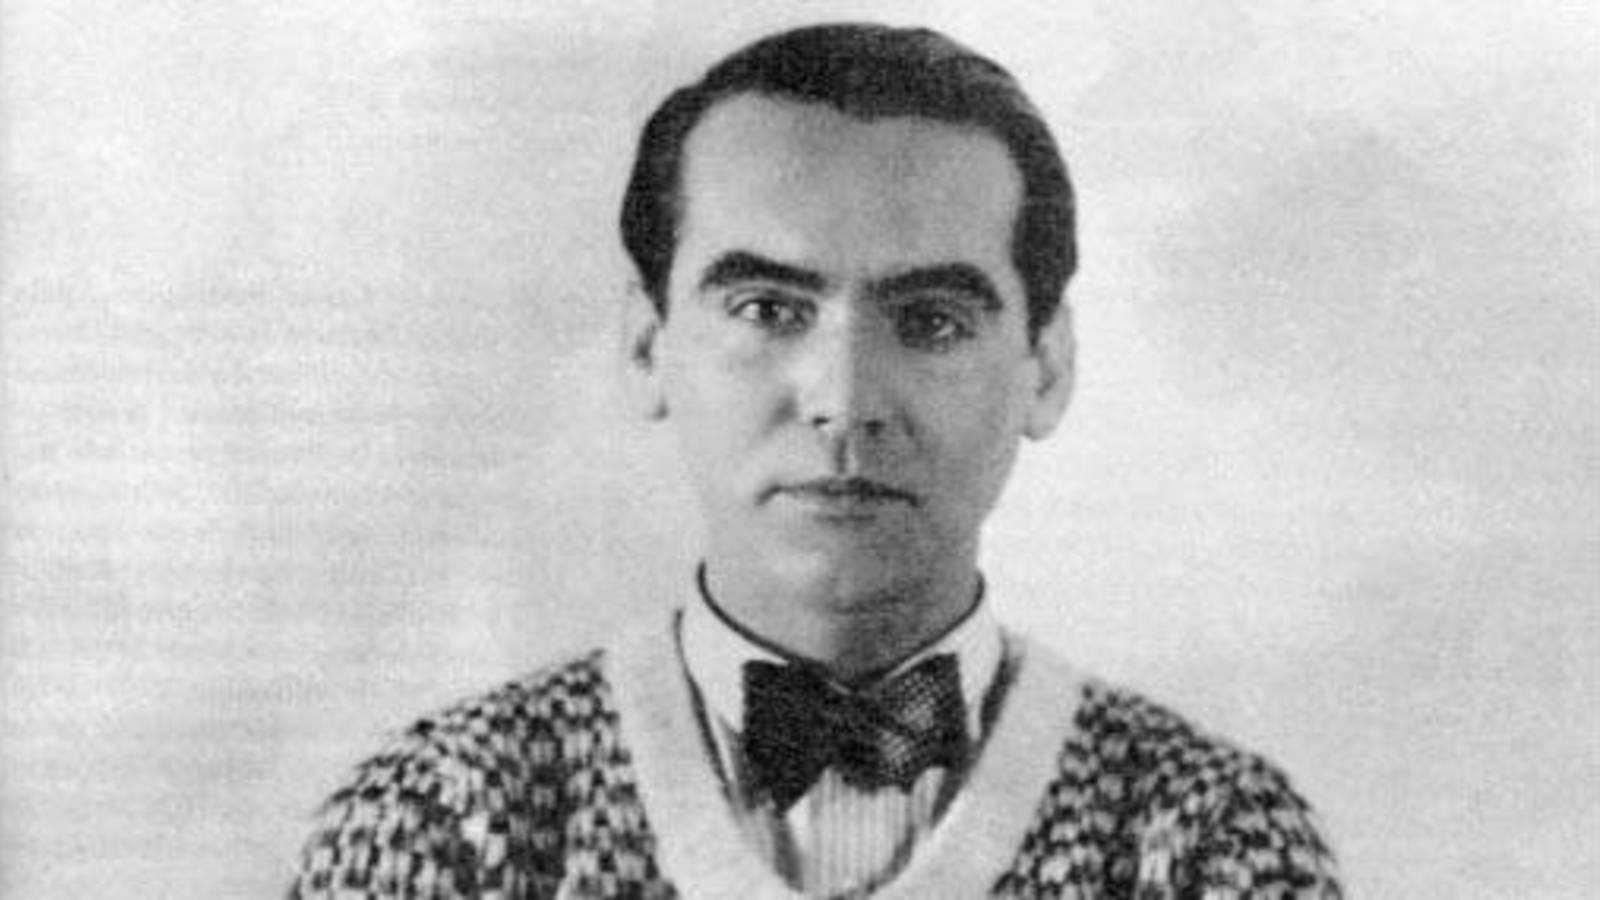 DeepFake: Federico García Lorca recitando «Casida de la muchacha dorada»